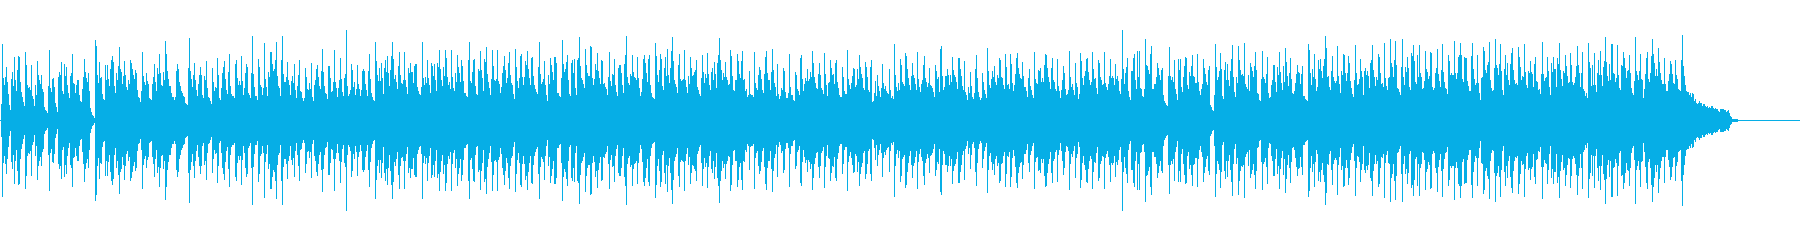 【ドラム抜】軽快で可愛い企業、コンセプトの再生済みの波形